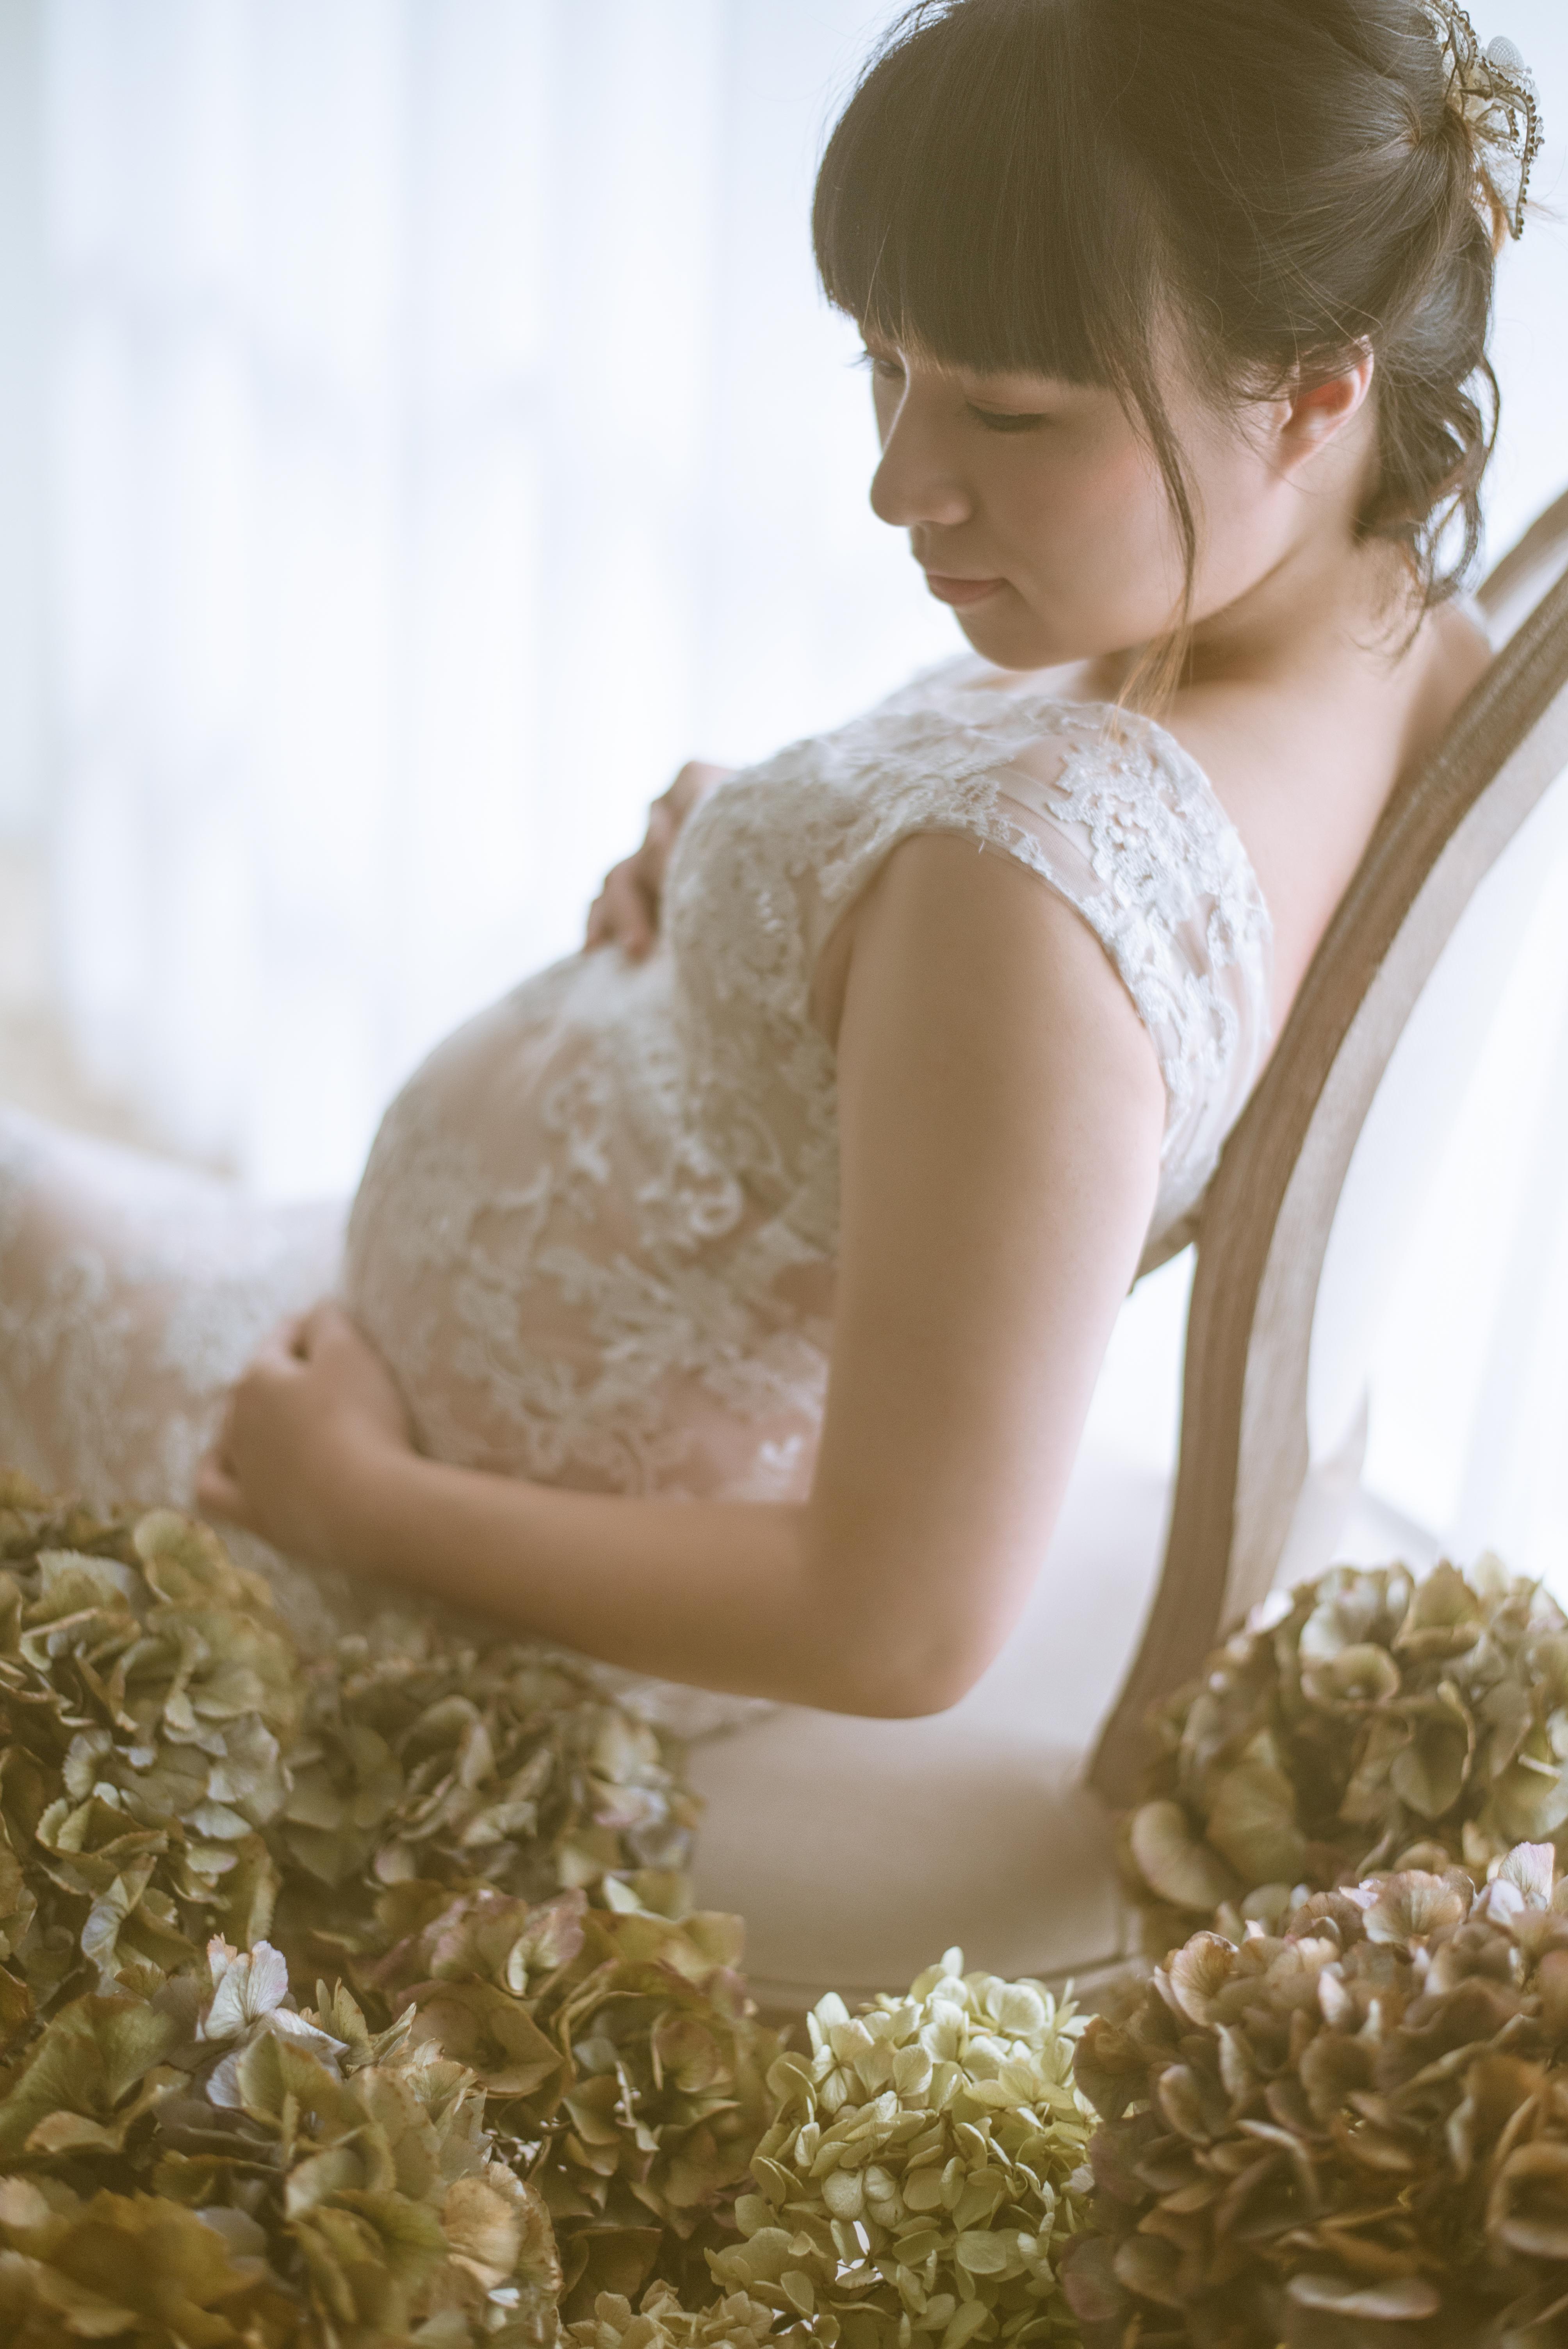 台中雜誌風孕婦寫真, 台中孕婦時尚超美, 台中孕婦推薦